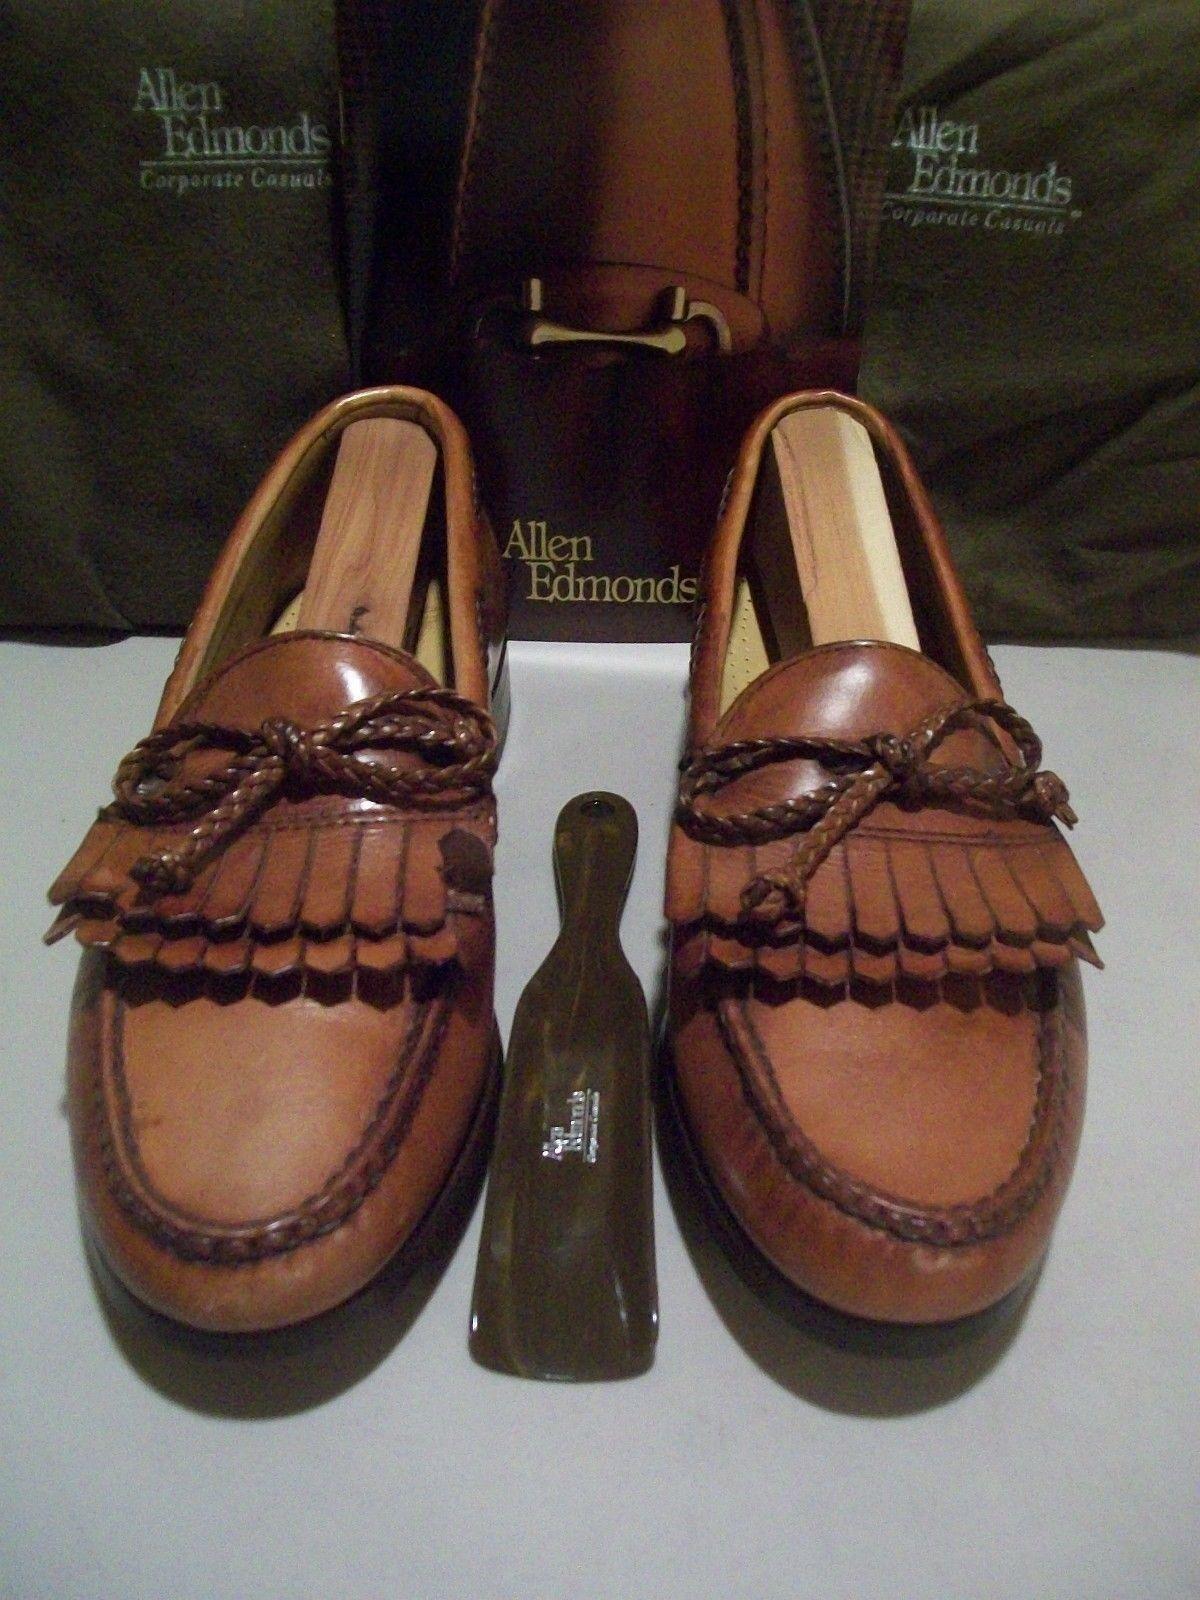 Scarpe casual da uomo  New 1st Quality Allen Edmonds Woodstock 7 D chili